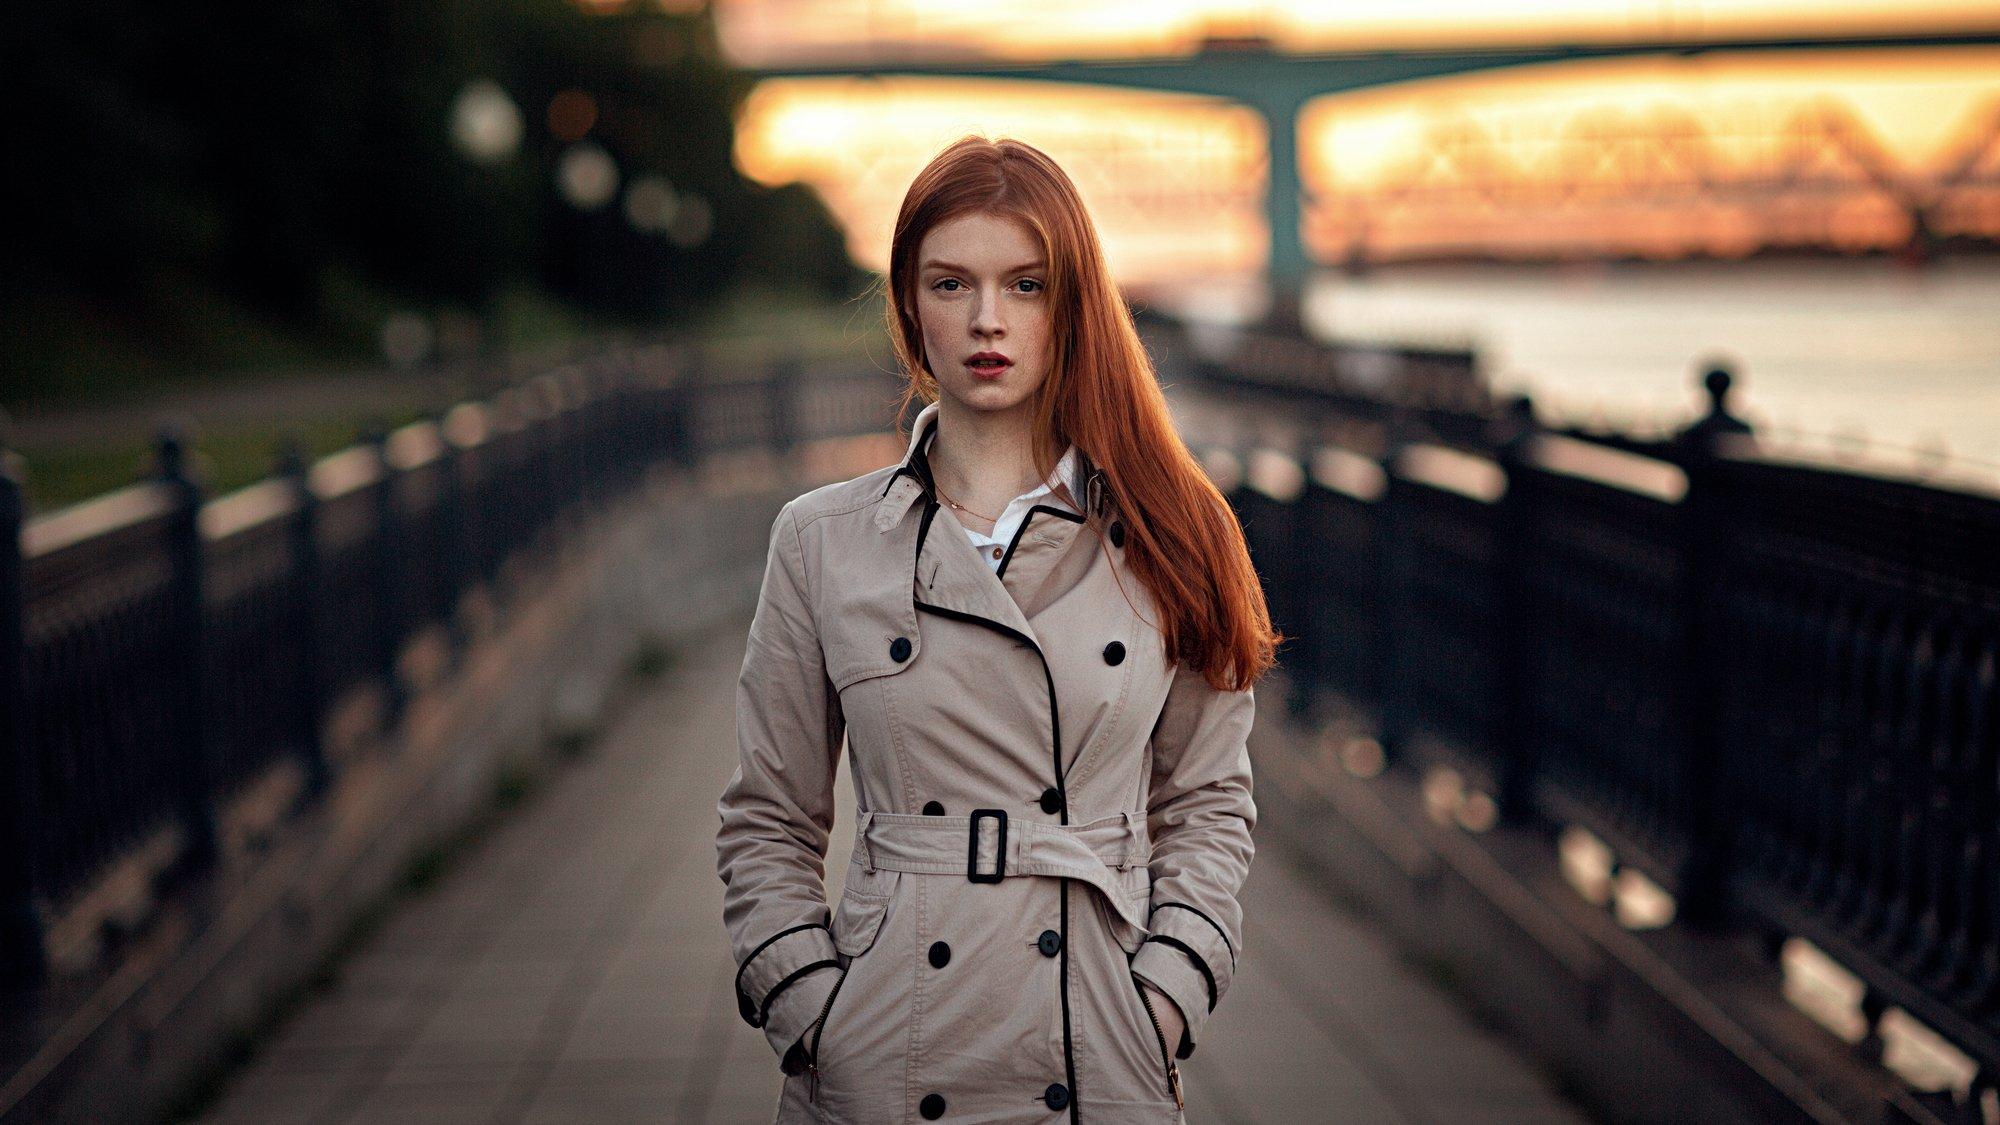 девушка, город, вечер, портрет, арт, Александр Куренной